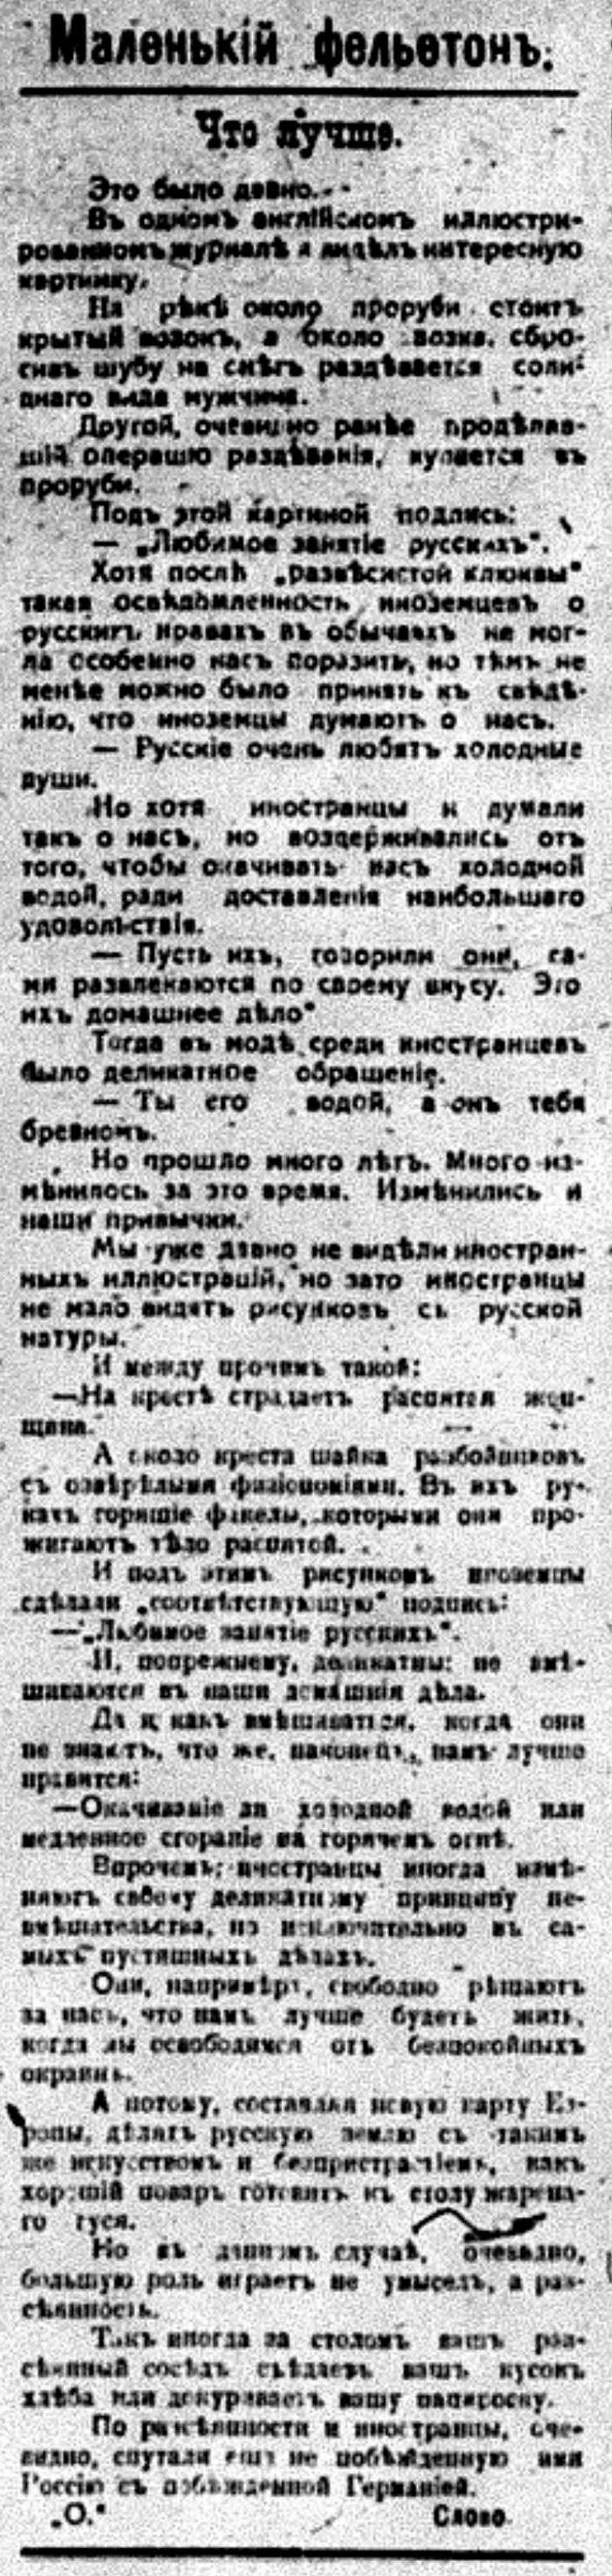 Русская речь. 147 (220). 15 июля 1919 г.